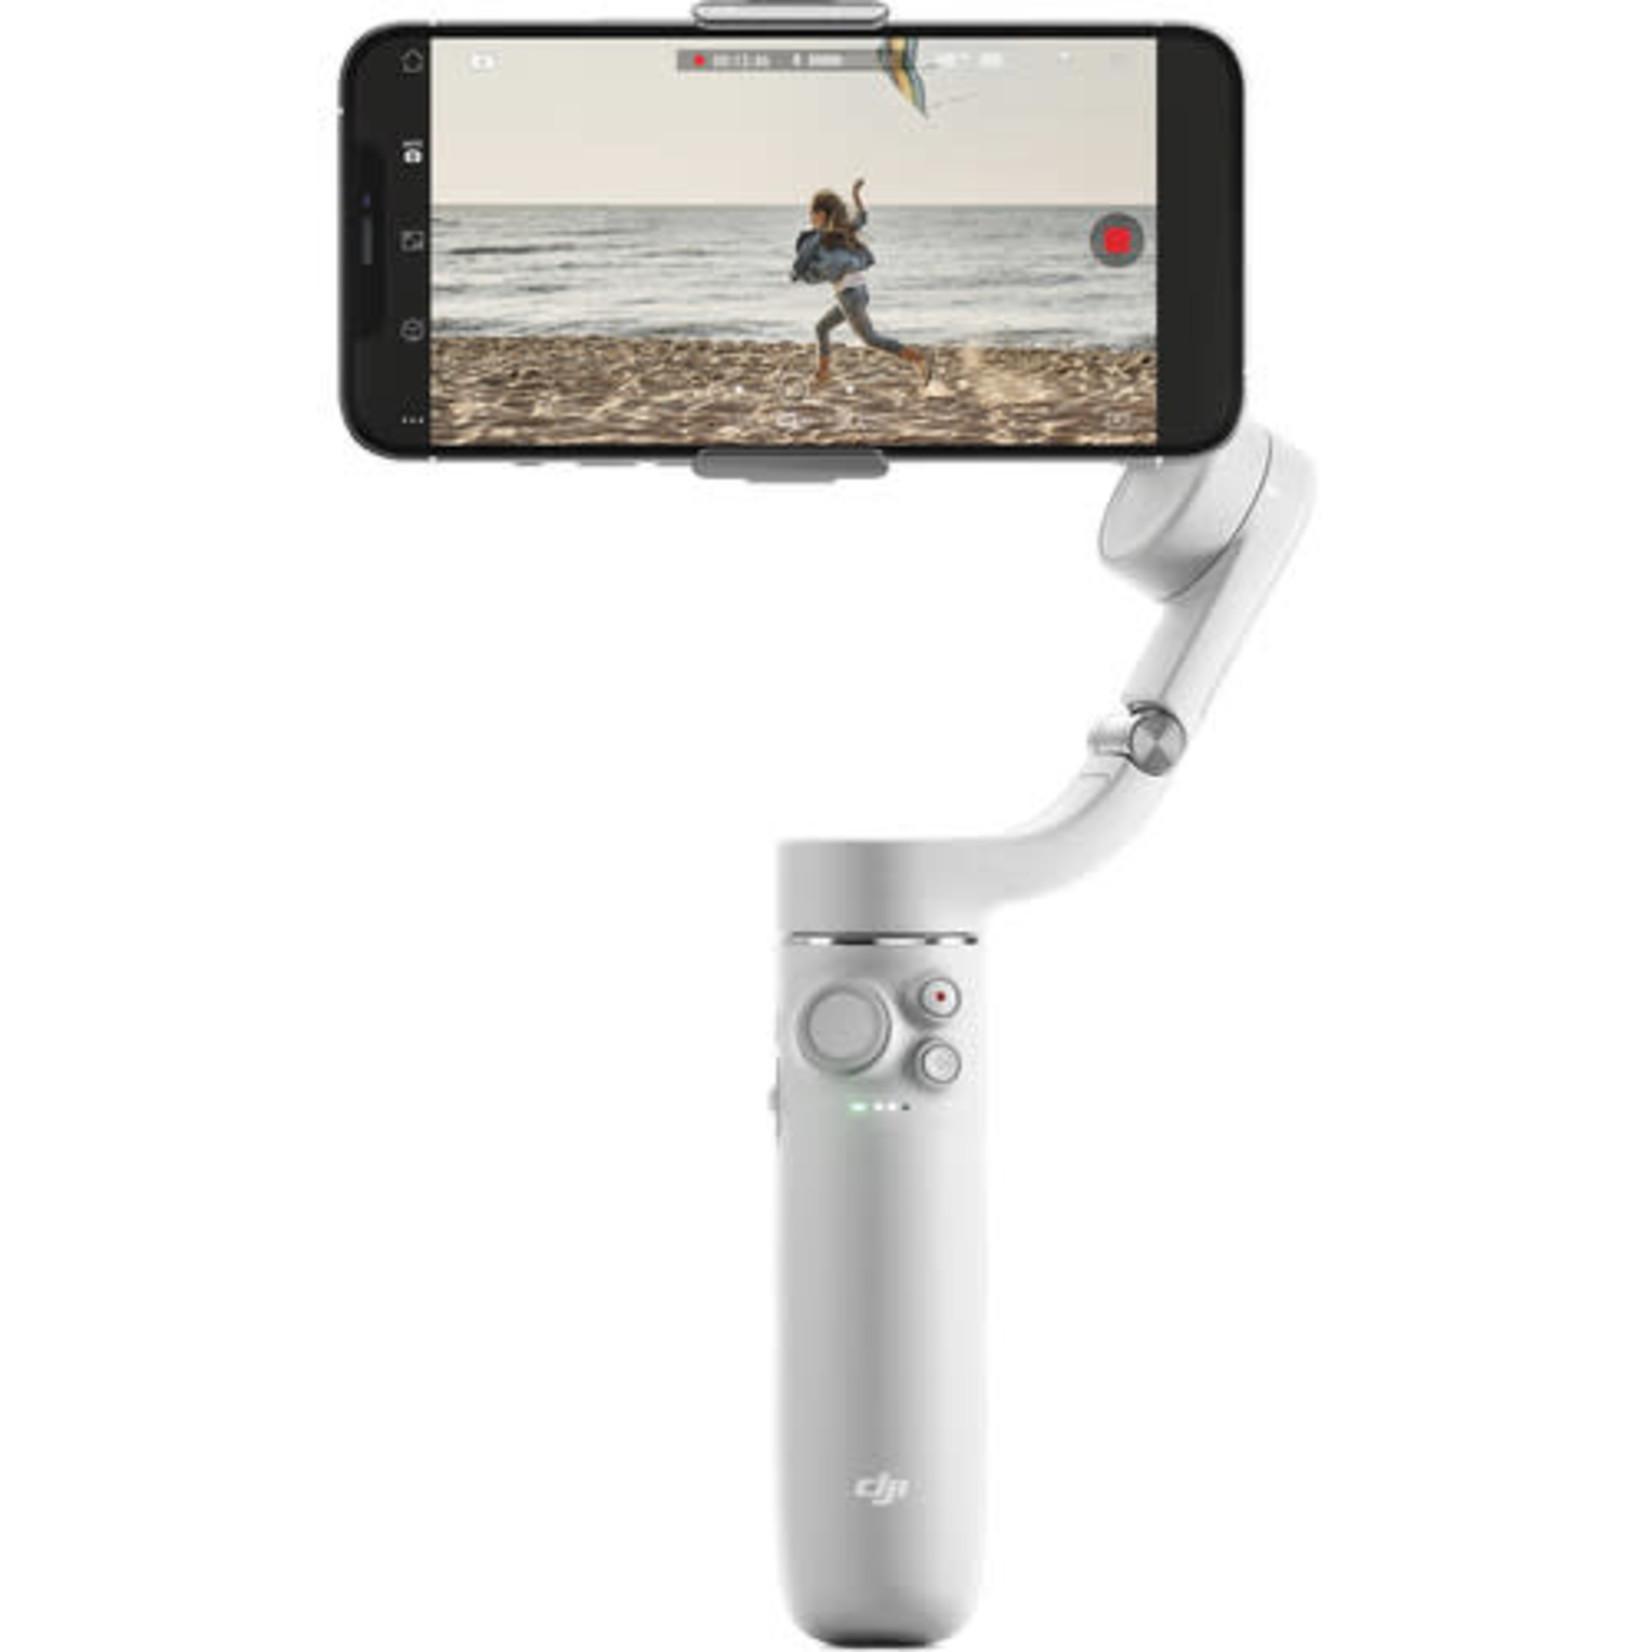 DJI DJI OM 5 Smartphone Gimbal (Athens Gray)